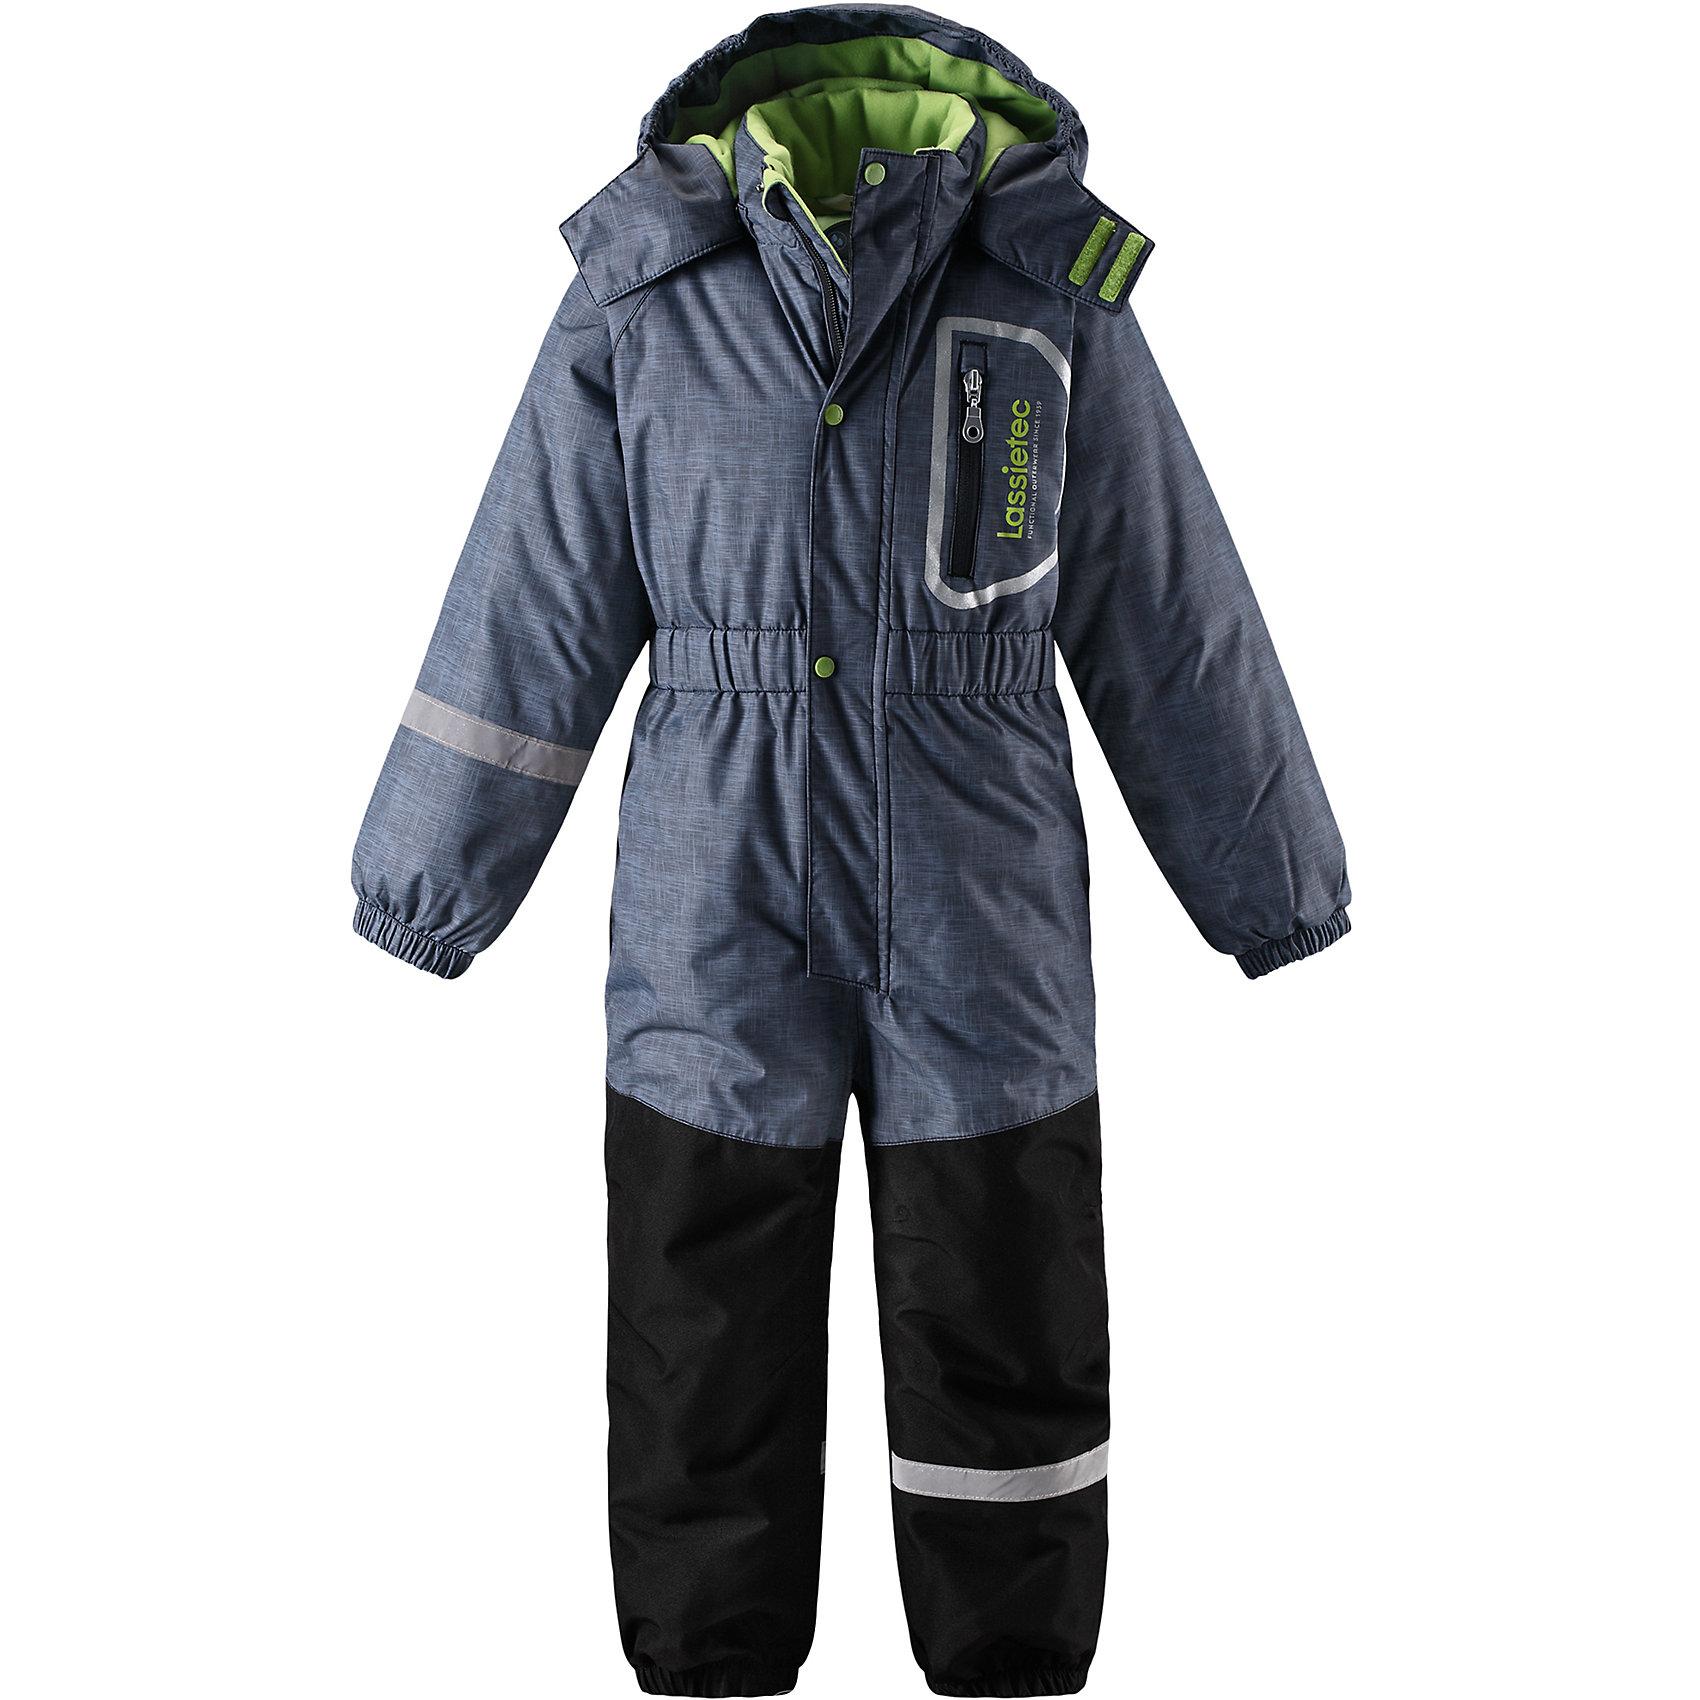 Комбинезон Lassietec LassieОдежда<br>Характеристики товара:<br><br>• цвет: синий;<br>• состав: 100% полиэстер, полиуретановое покрытие;<br>• подкладка: 100% полиэстер;<br>• утеплитель: 180 г/м2;<br>• сезон: зима;<br>• температурный режим: от 0 до -20С;<br>• водонепроницаемость: 5000/10000 мм;<br>• воздухопроницаемость: 5000 мм;<br>• износостойкость: 20000/50000 циклов (тест Мартиндейла)<br>• застежка: молния с дополнительной защитной планкой на кнопках;<br>• очень прочные усиленные вставки на штанинах;<br>• водо- и ветронепроницаемый, дышащий и грязеотталкивающий материал;<br>• внешние швы проклеены;<br>• гладкая подкладка из полиэстера;<br>• безопасный съемный капюшон на кнопках; <br>• эластичная талия, манжеты рукавов и низ штанин;<br>• съемные штрипки;<br>• нагрудный карман на молнии;<br>• светоотражающие детали;<br>• страна бренда: Финляндия;<br>• страна изготовитель: Китай;<br><br>Этот детский зимний комбинезон с капюшоном Lassietec® предназначен для самых активных любителей зимы Он изготовлен из сверхпрочного и водонепроницаемого материала, так что ножкам будет тепло и сухо во время игр в снегу. Все внешние швы проклеены, водонепроницаемы. Небольшой передний карман на молнии пригодится для хранения самых важных маленьких сокровищ! Съемный капюшон очень практичен и обеспечивает дополнительную безопасность.<br><br>Комбинезон Lassietec Lassie (Ласси) можно купить в нашем интернет-магазине.<br><br>Ширина мм: 356<br>Глубина мм: 10<br>Высота мм: 245<br>Вес г: 519<br>Цвет: серый<br>Возраст от месяцев: 84<br>Возраст до месяцев: 96<br>Пол: Унисекс<br>Возраст: Детский<br>Размер: 128,92,98,104,110,116,122<br>SKU: 6927287